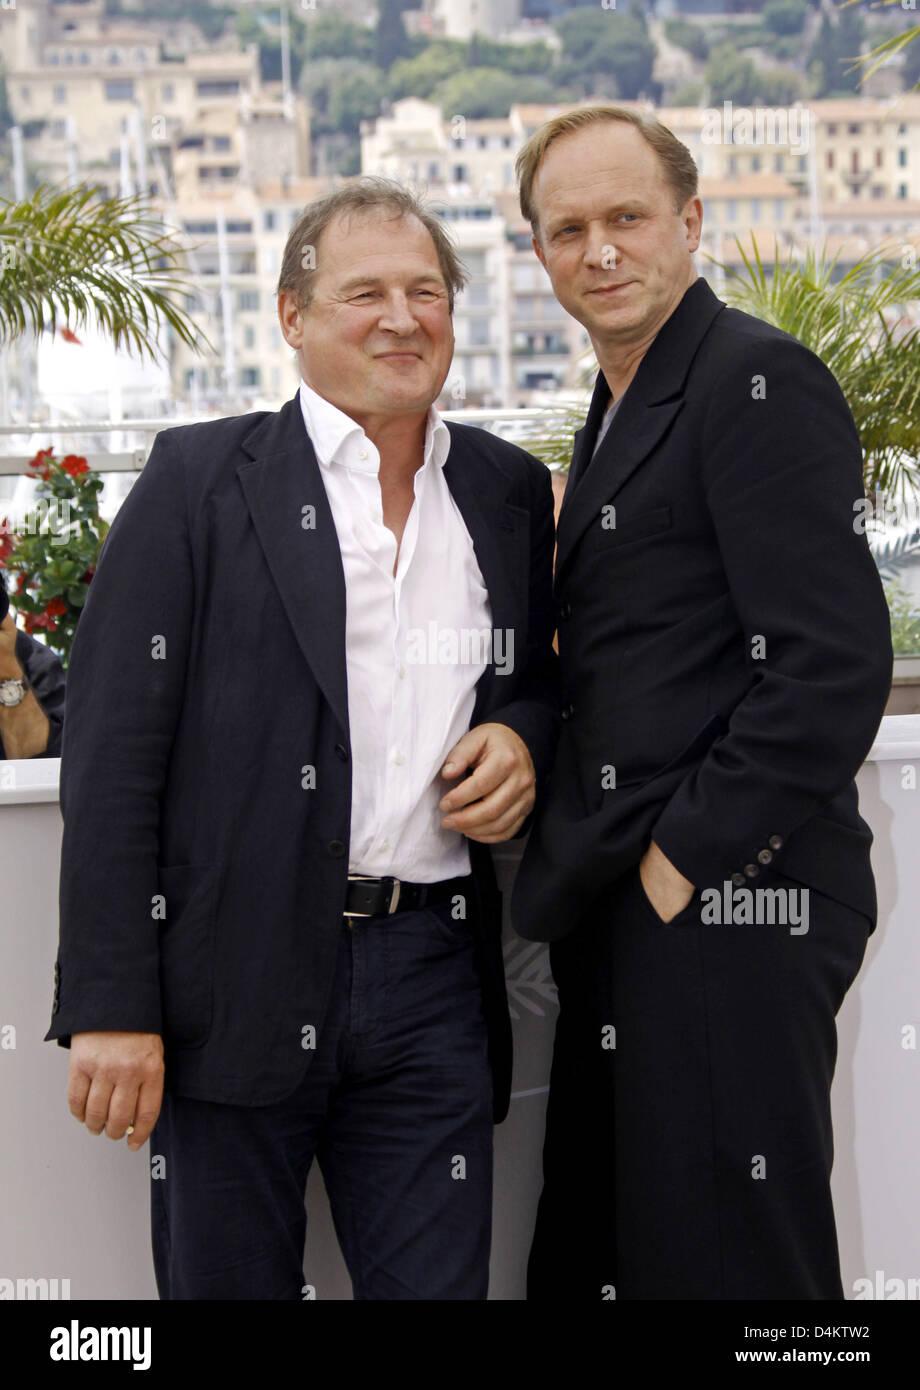 Deutsche Schauspieler Ulrich Tukur (R) und Burghart Klaußner vor der Pressekonferenz auf dem Film abgebildet? Stockbild